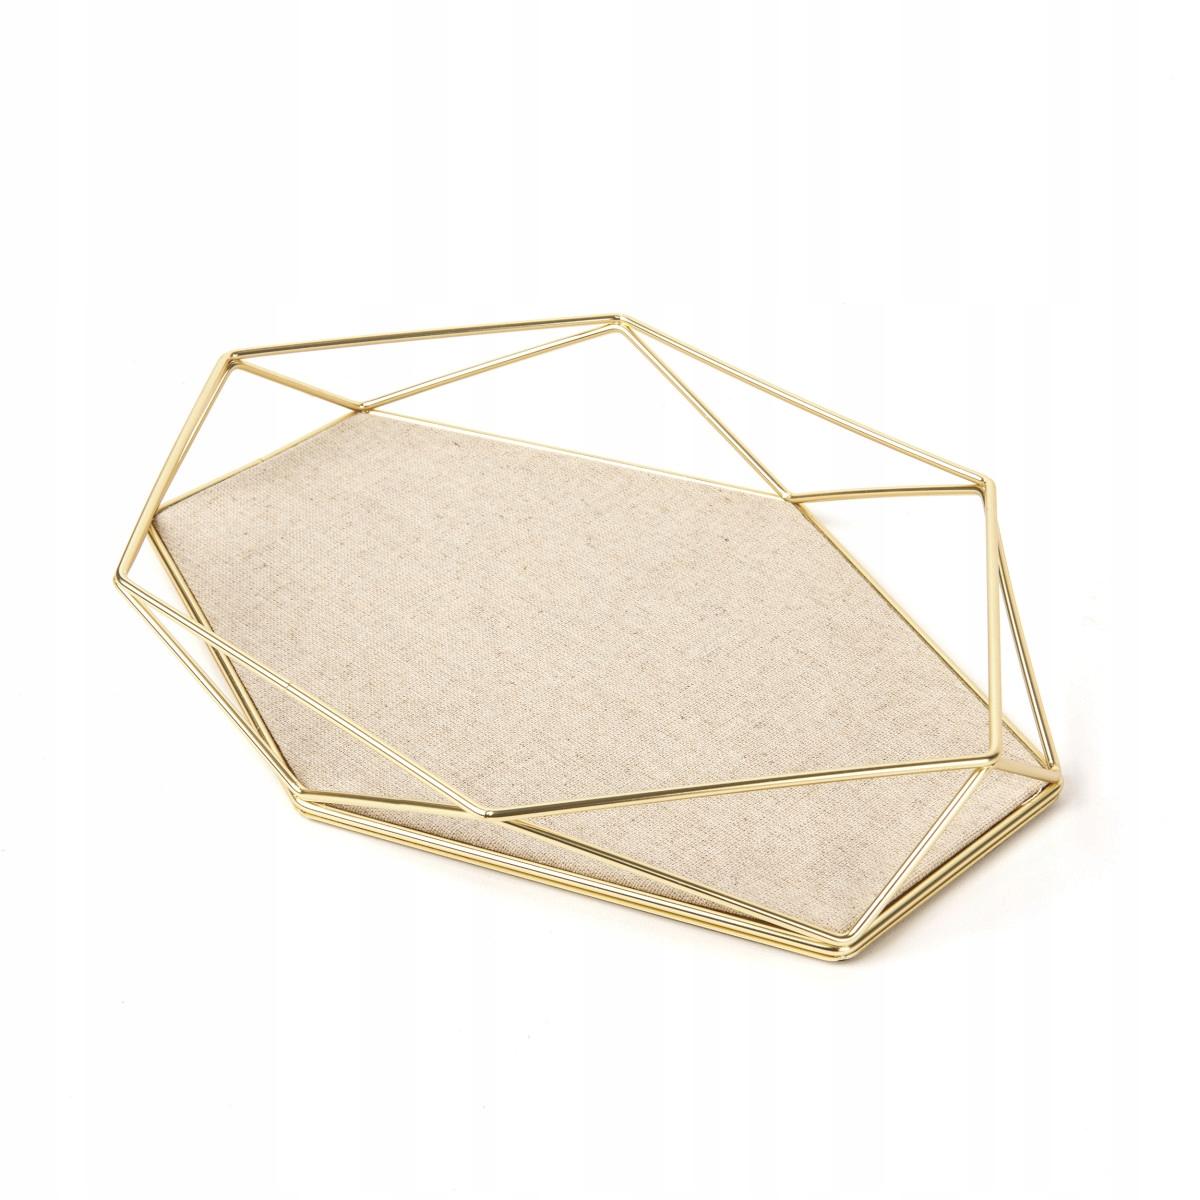 Декоративный поднос для золотых украшений